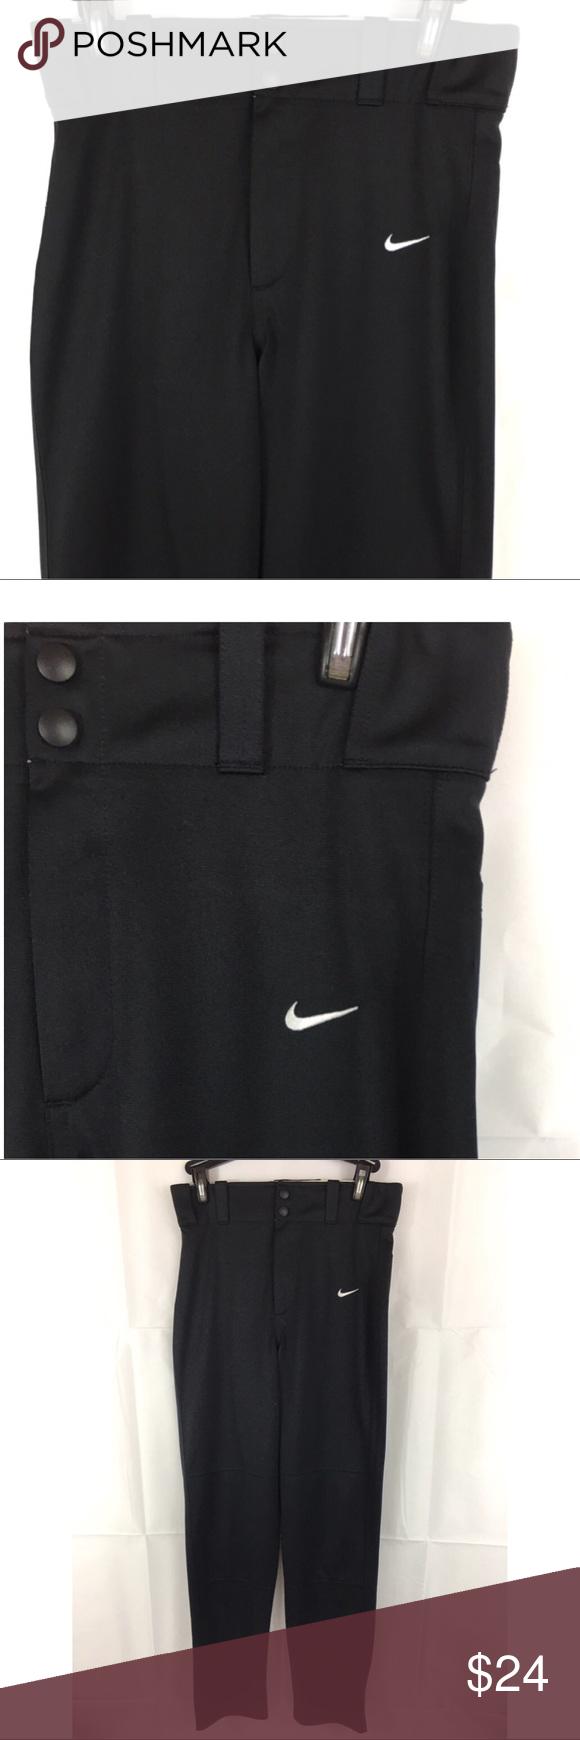 fbbee5e3e591 Nike Core Baseball Pants Boys XL Nike Core dri fit open hem baseball pants  boys youth